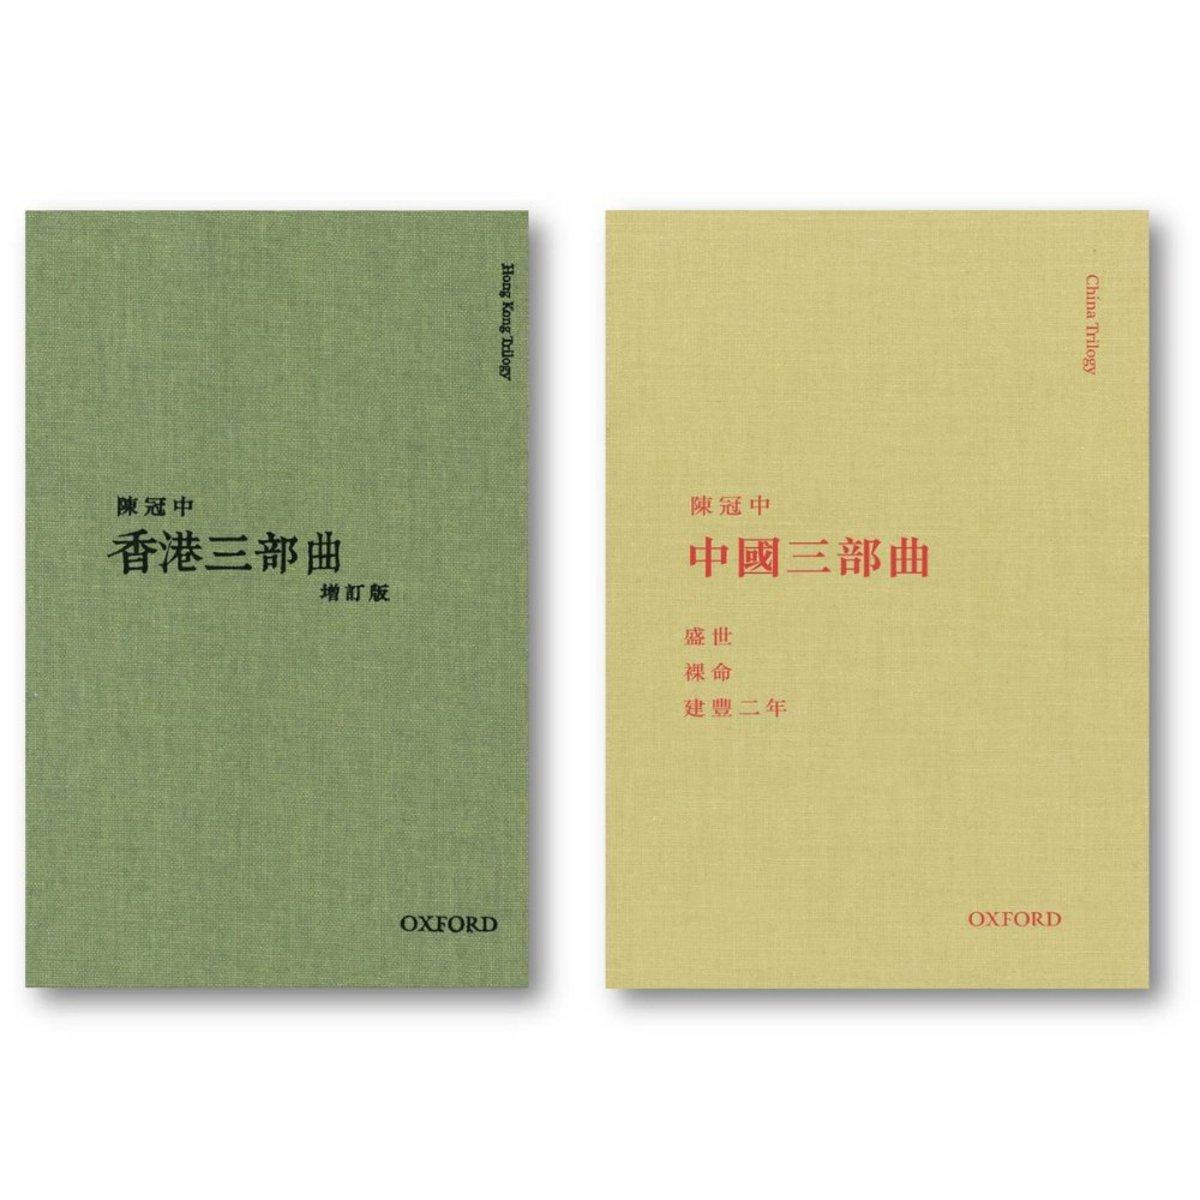 陳冠中《中國三部曲》《香港三部曲 (增訂版)》|編輯推介精選套裝|牛津大學出版社